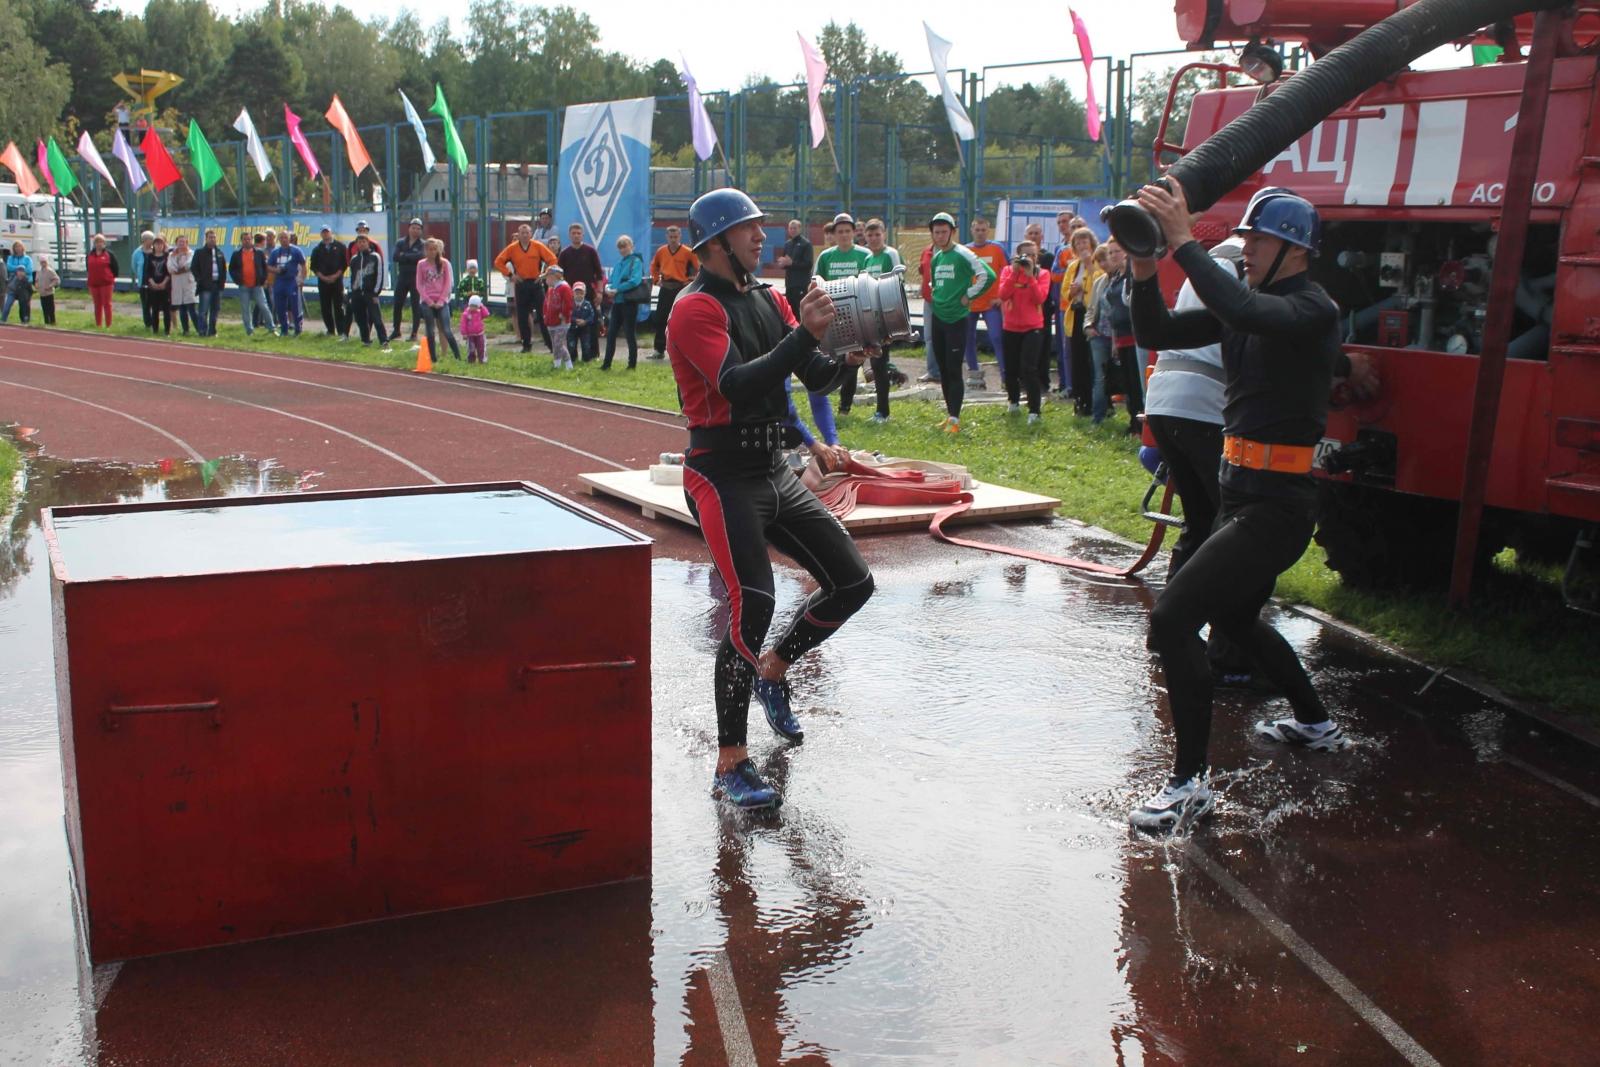 XIV Чемпионат по пожарно-прикладному спорту среди пожарных и спасателей Томской области в г. Асино. День третий, 16 августа 2015